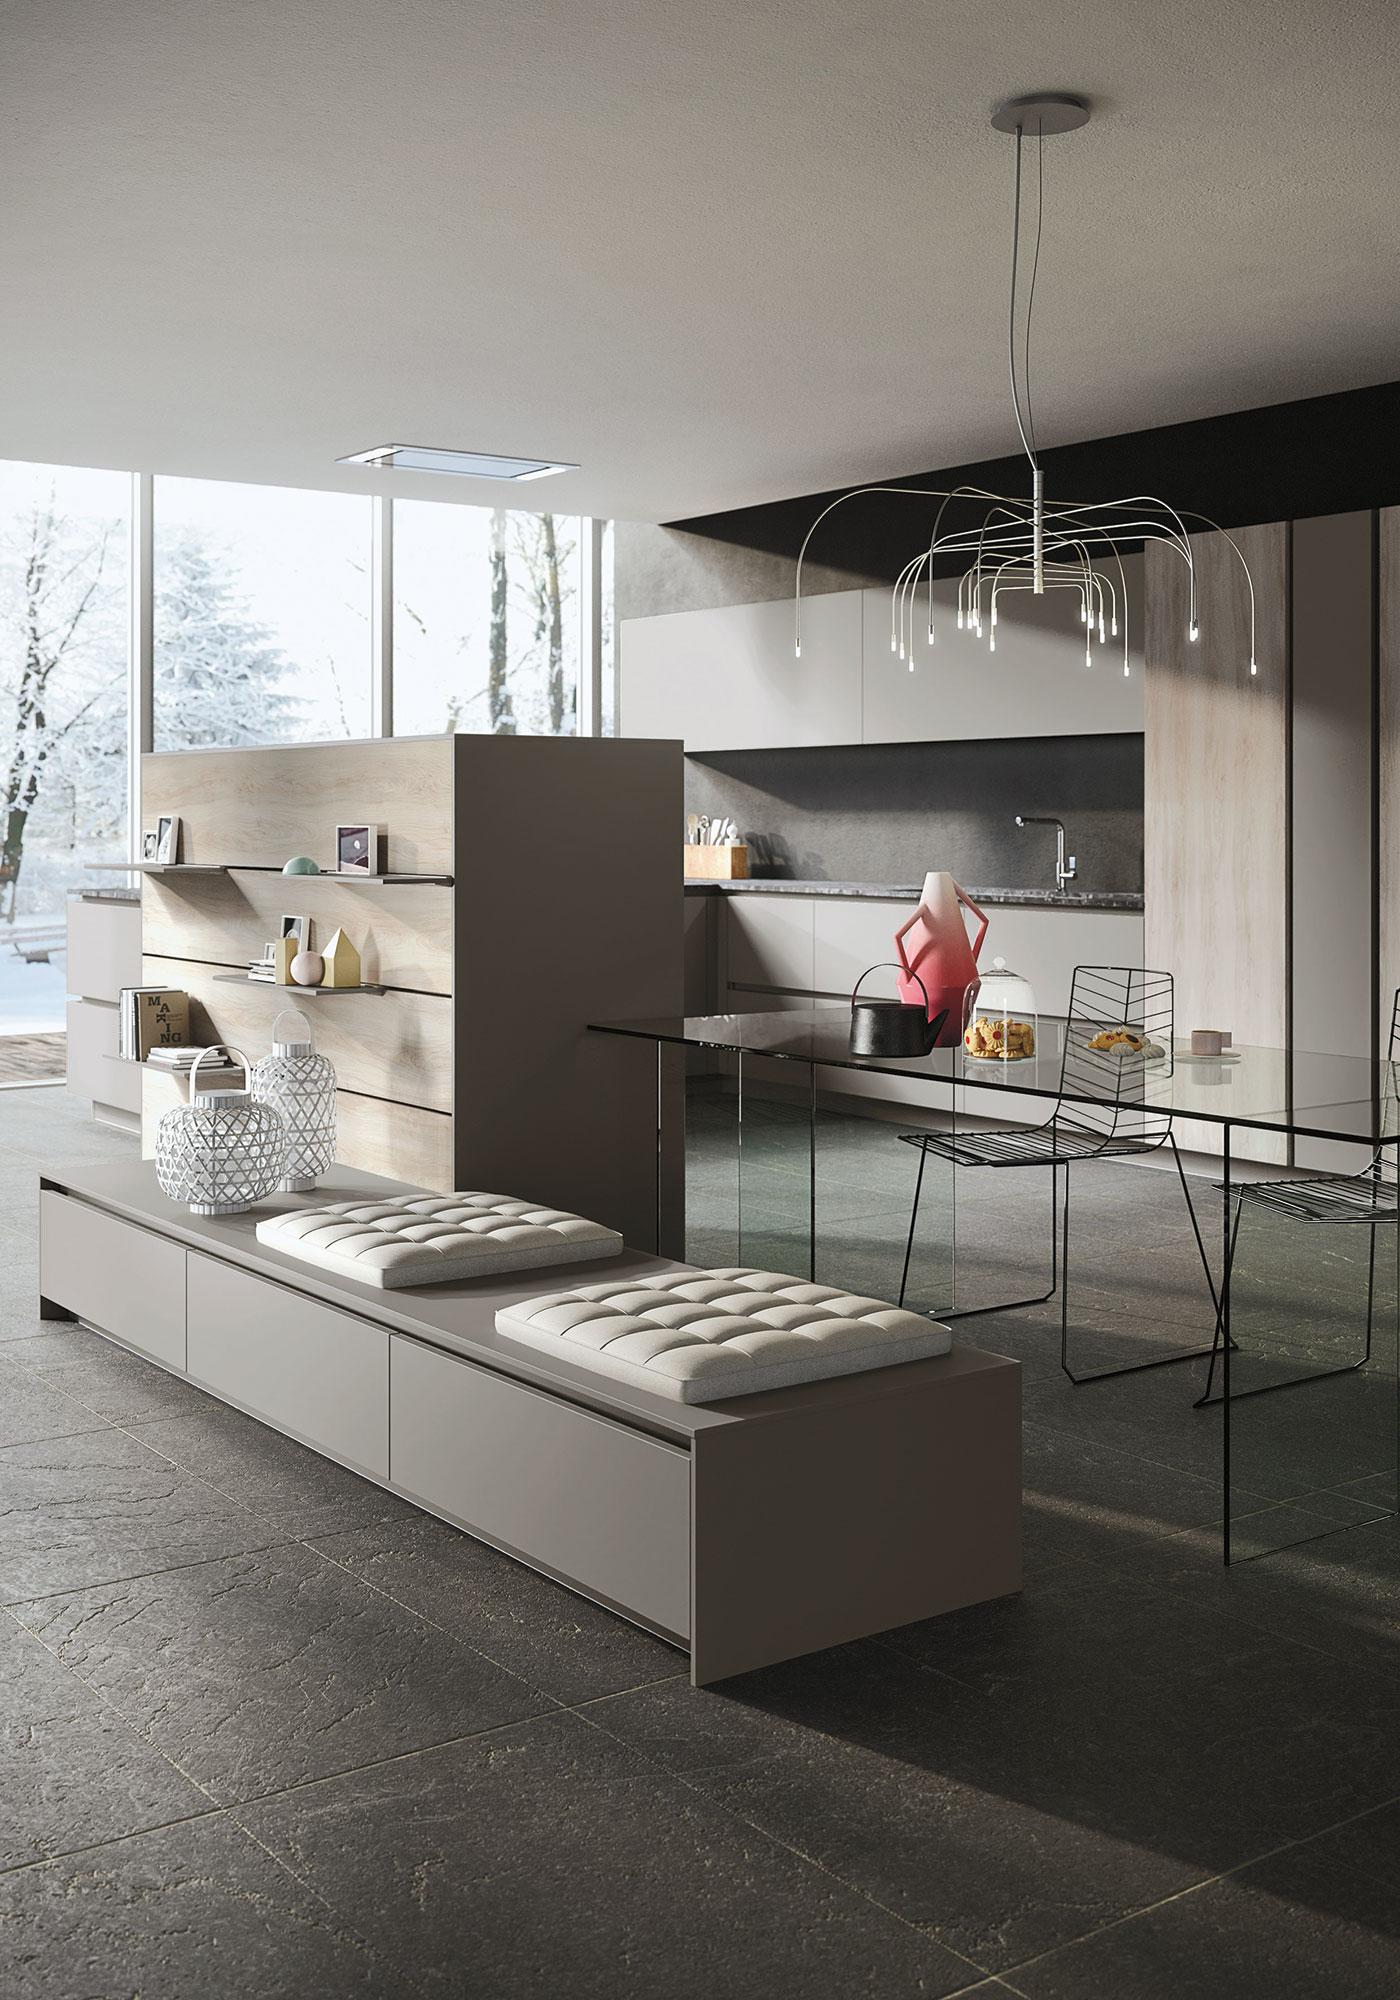 cucine-componibili-moderne-look-snaidero-dettaglio-10